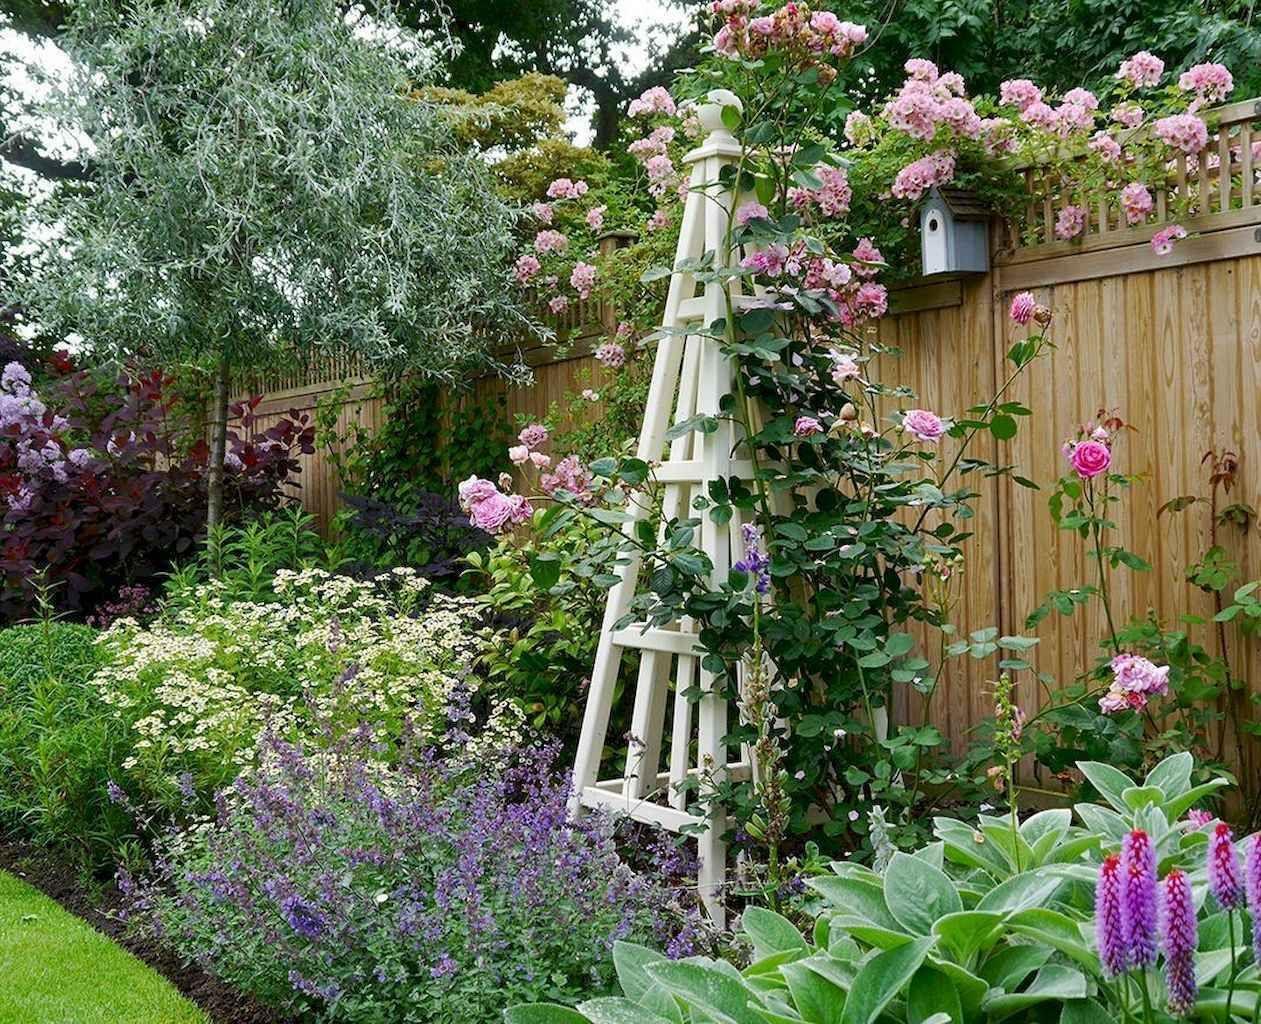 01 Stunning Cottage Garden Ideas For Front Yard Inspiration Decoradeas Cottage Garden Design Small Cottage Garden Ideas Garden Inspiration Backyard cottage garden ideas